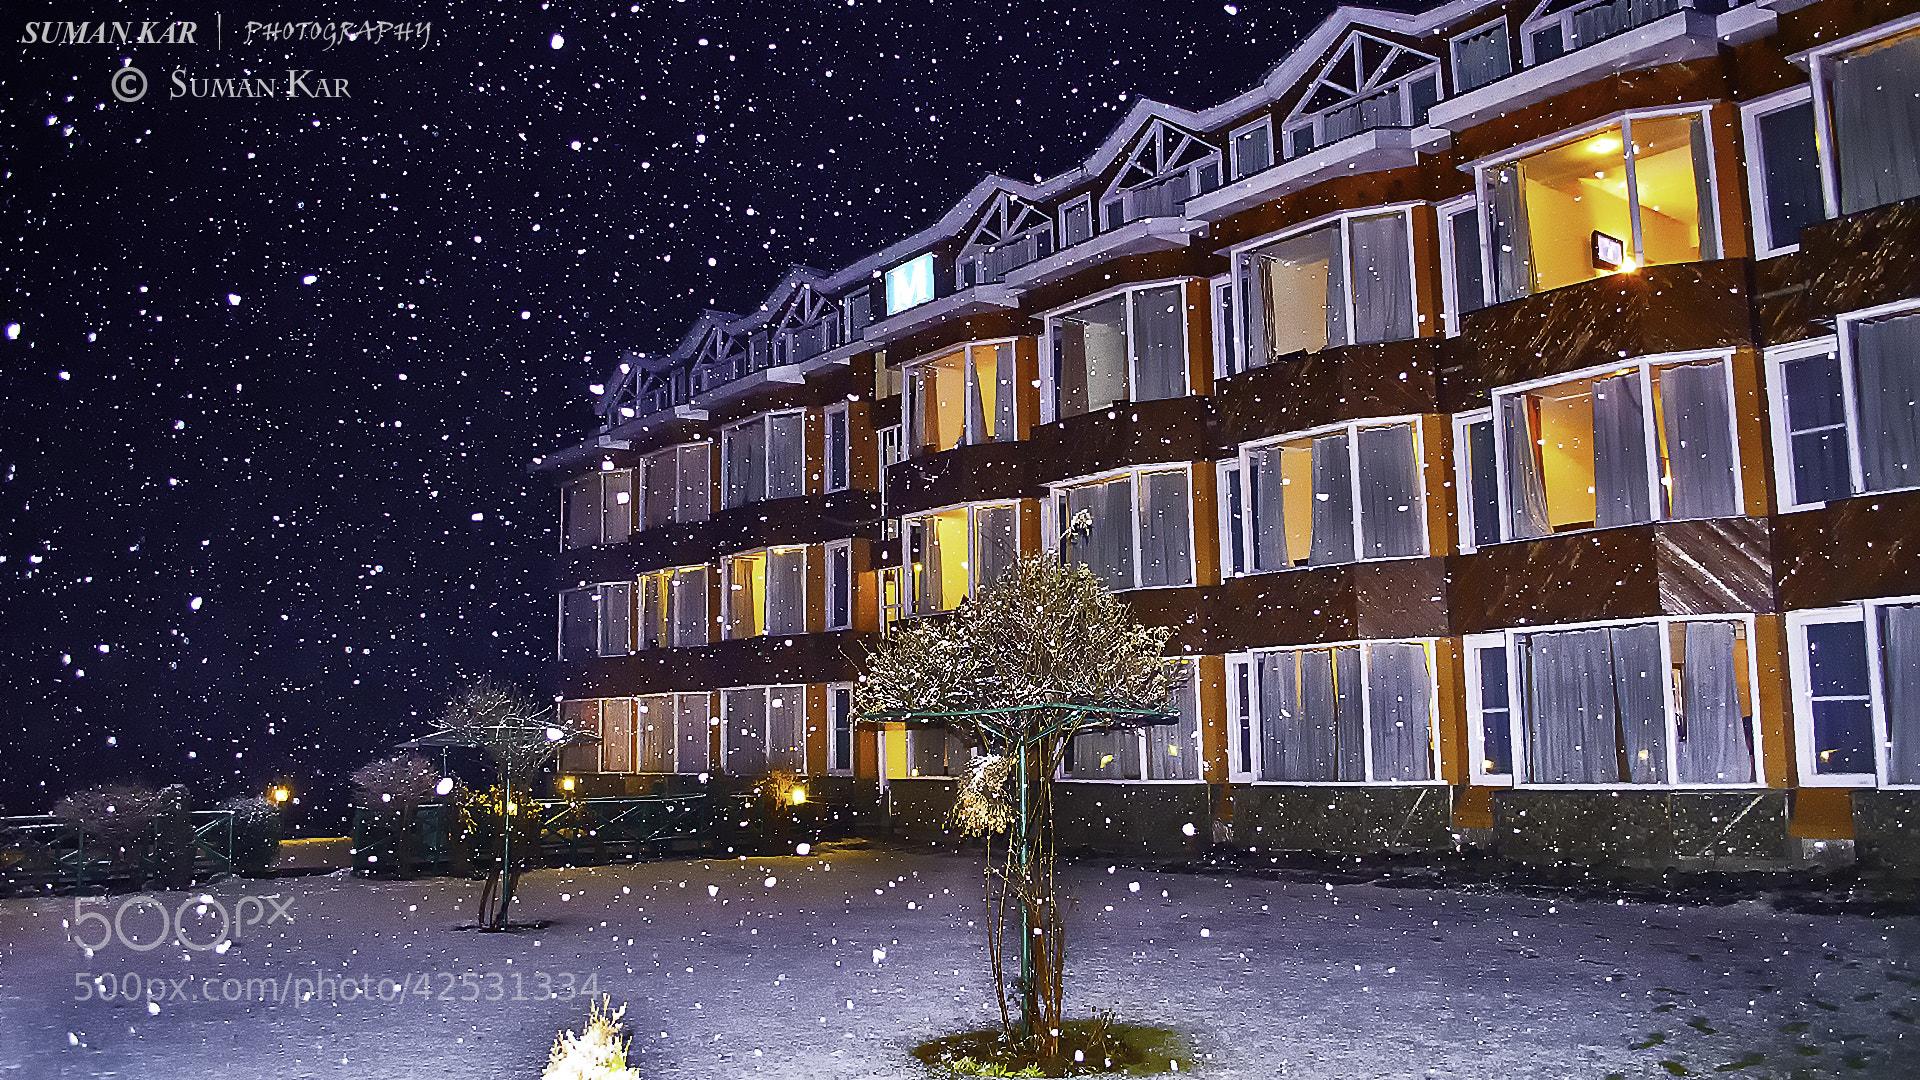 Photograph A snowy evening by Suman Kar on 500px